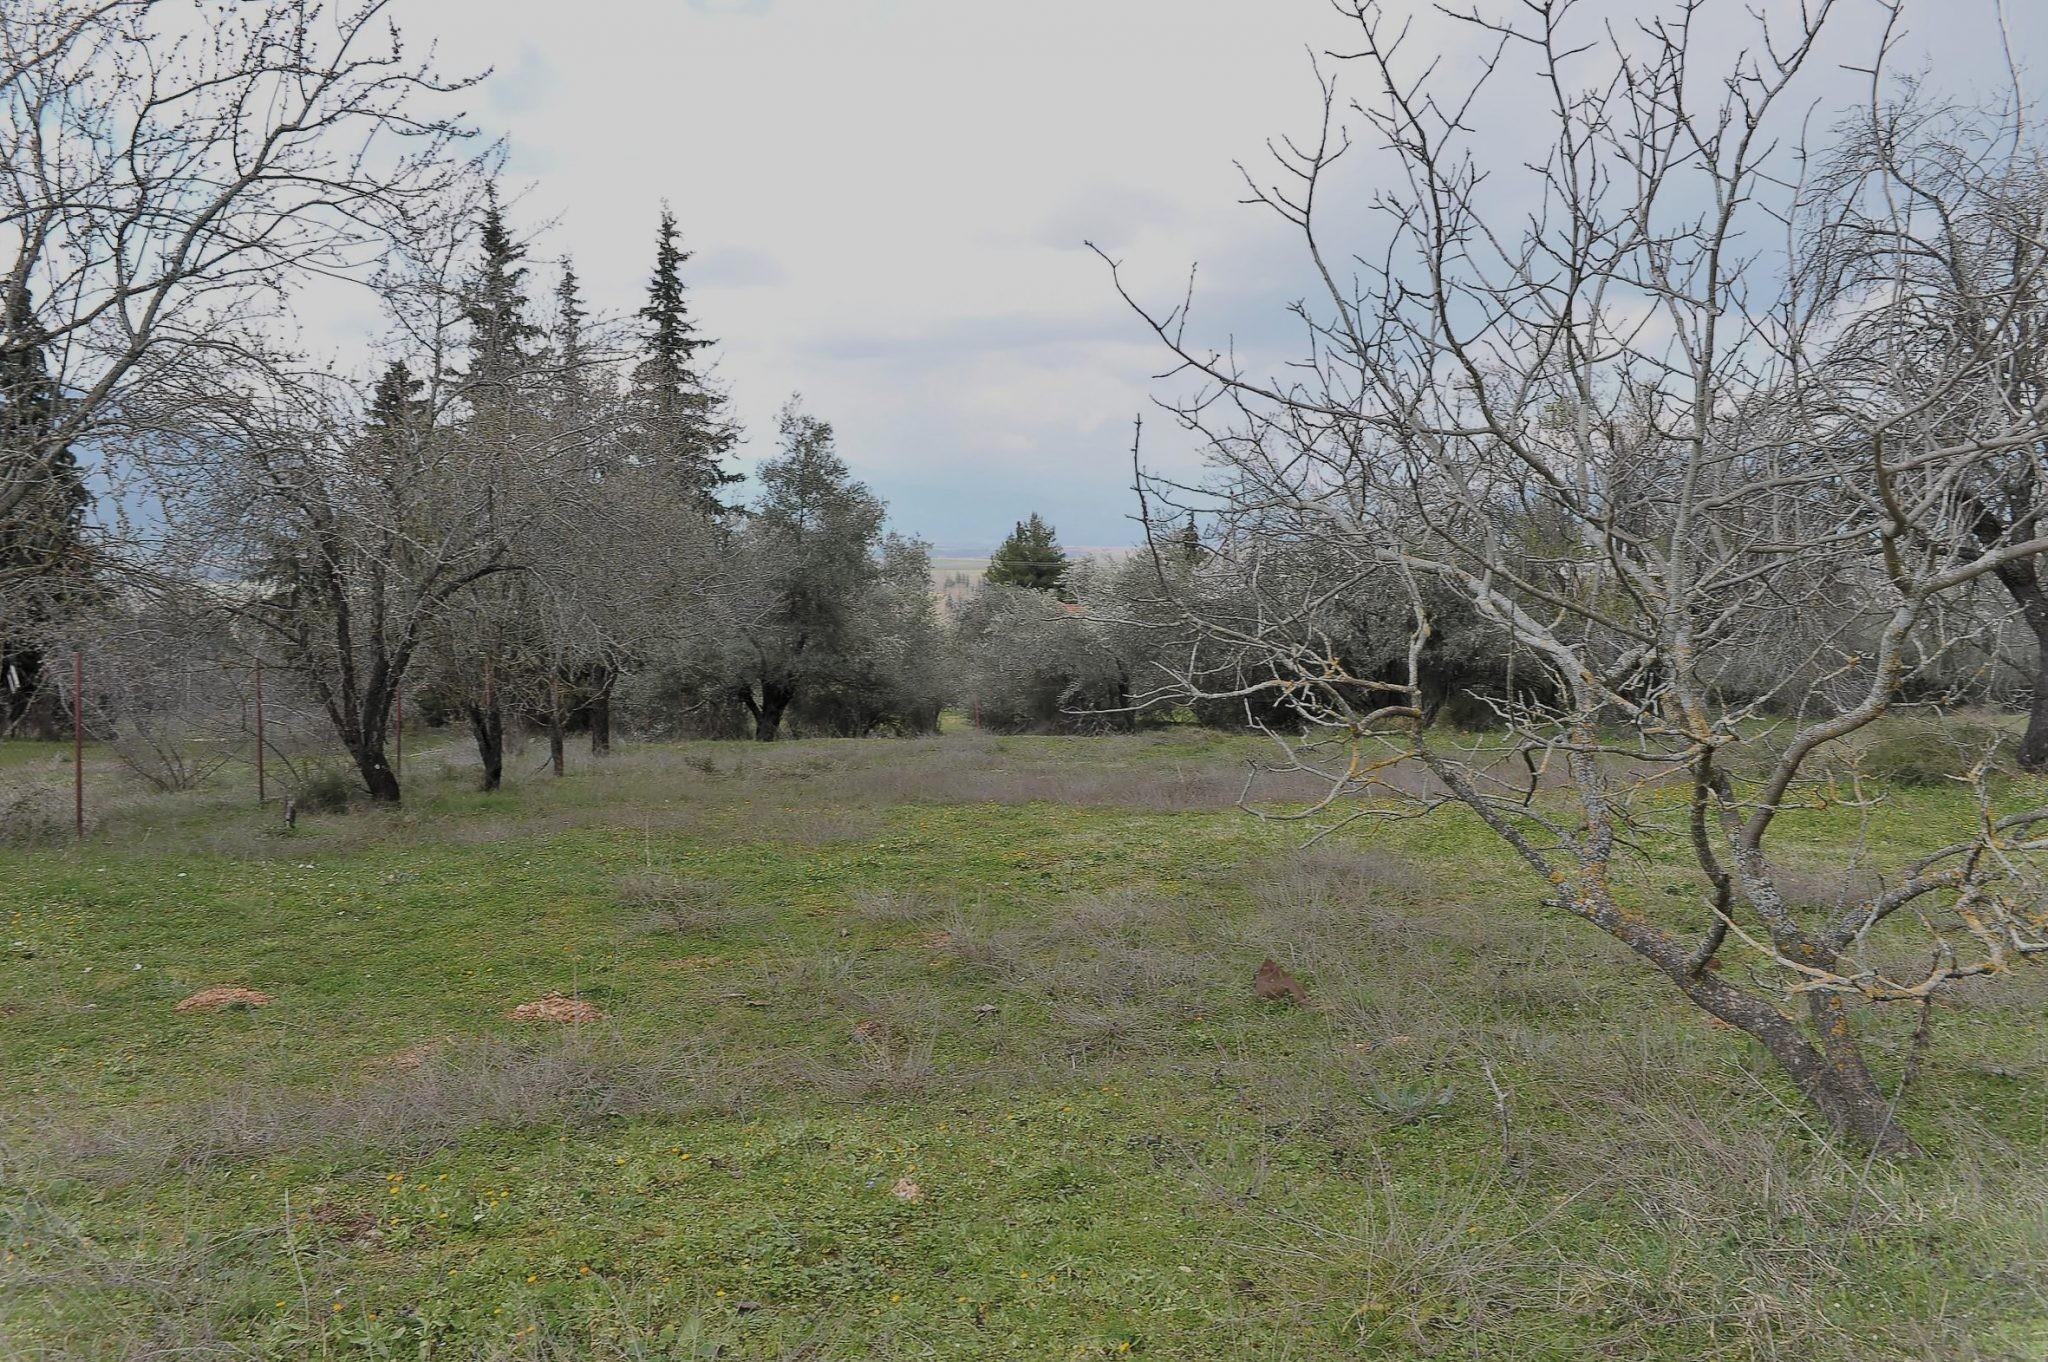 Terreno Parnassos  -  ref GR-5158-S (picture 3)